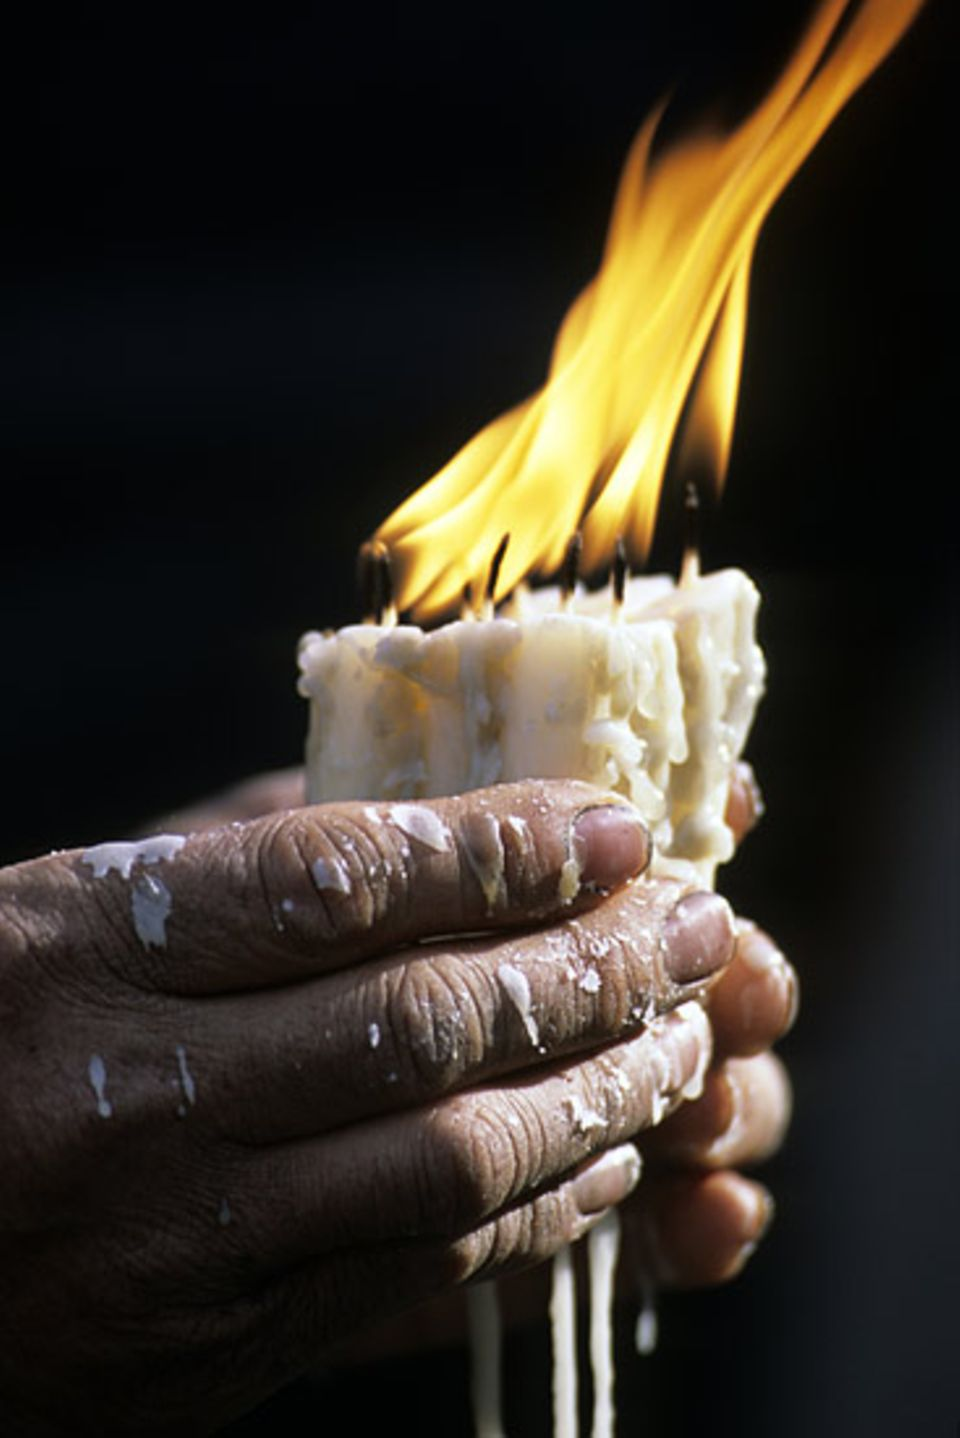 Redewendung: Auf den Nägeln brennen: Auf den Nägeln brennen